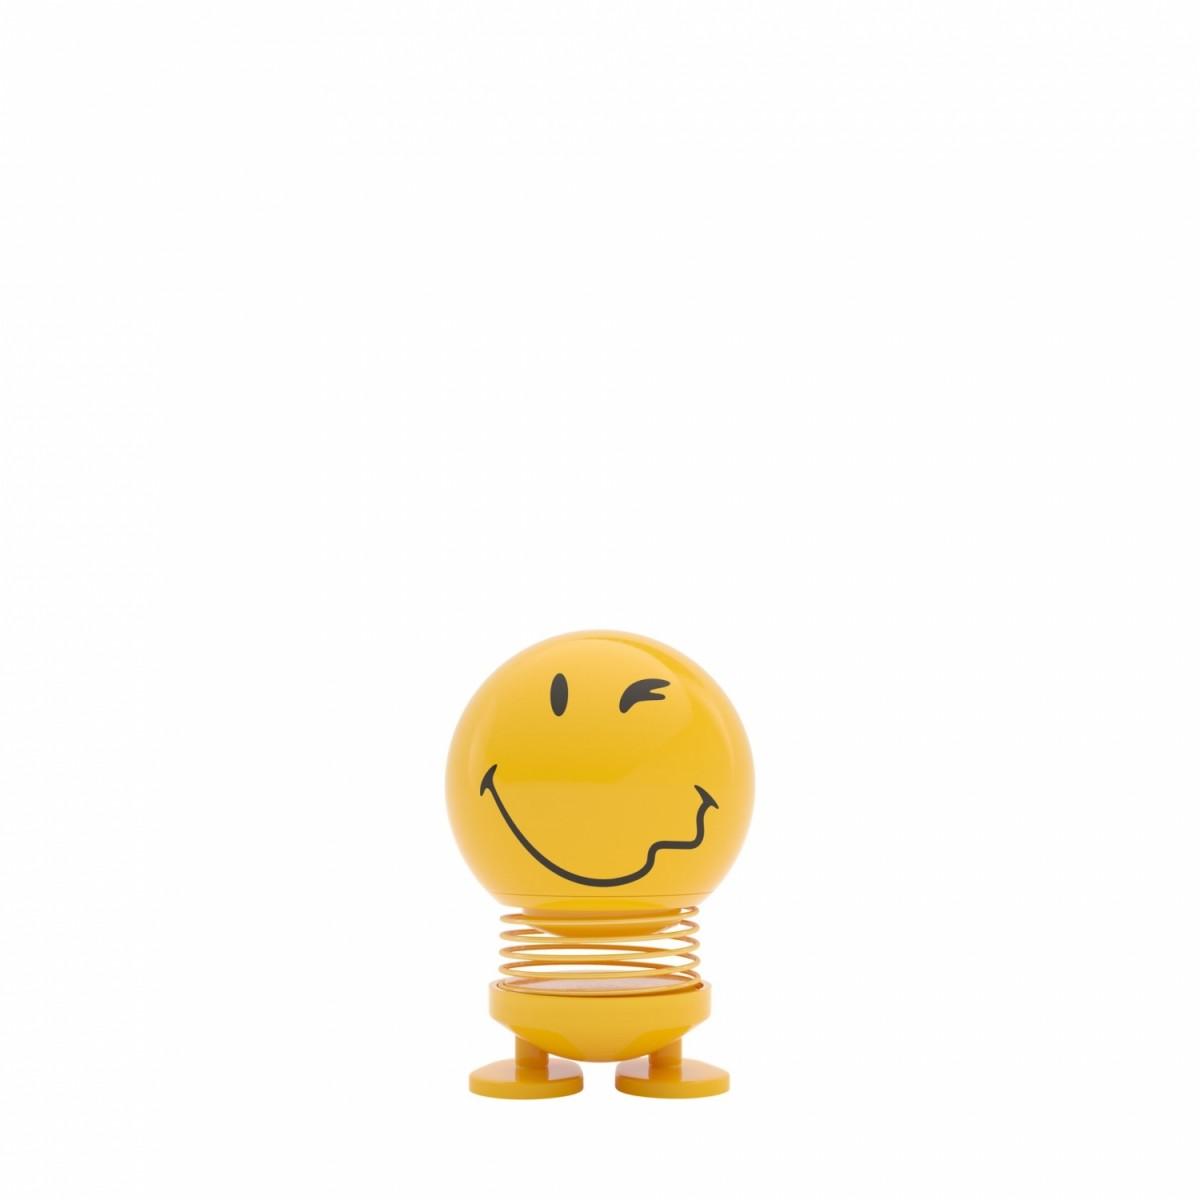 HOPTIMIST Baby smiley wink 7 cm